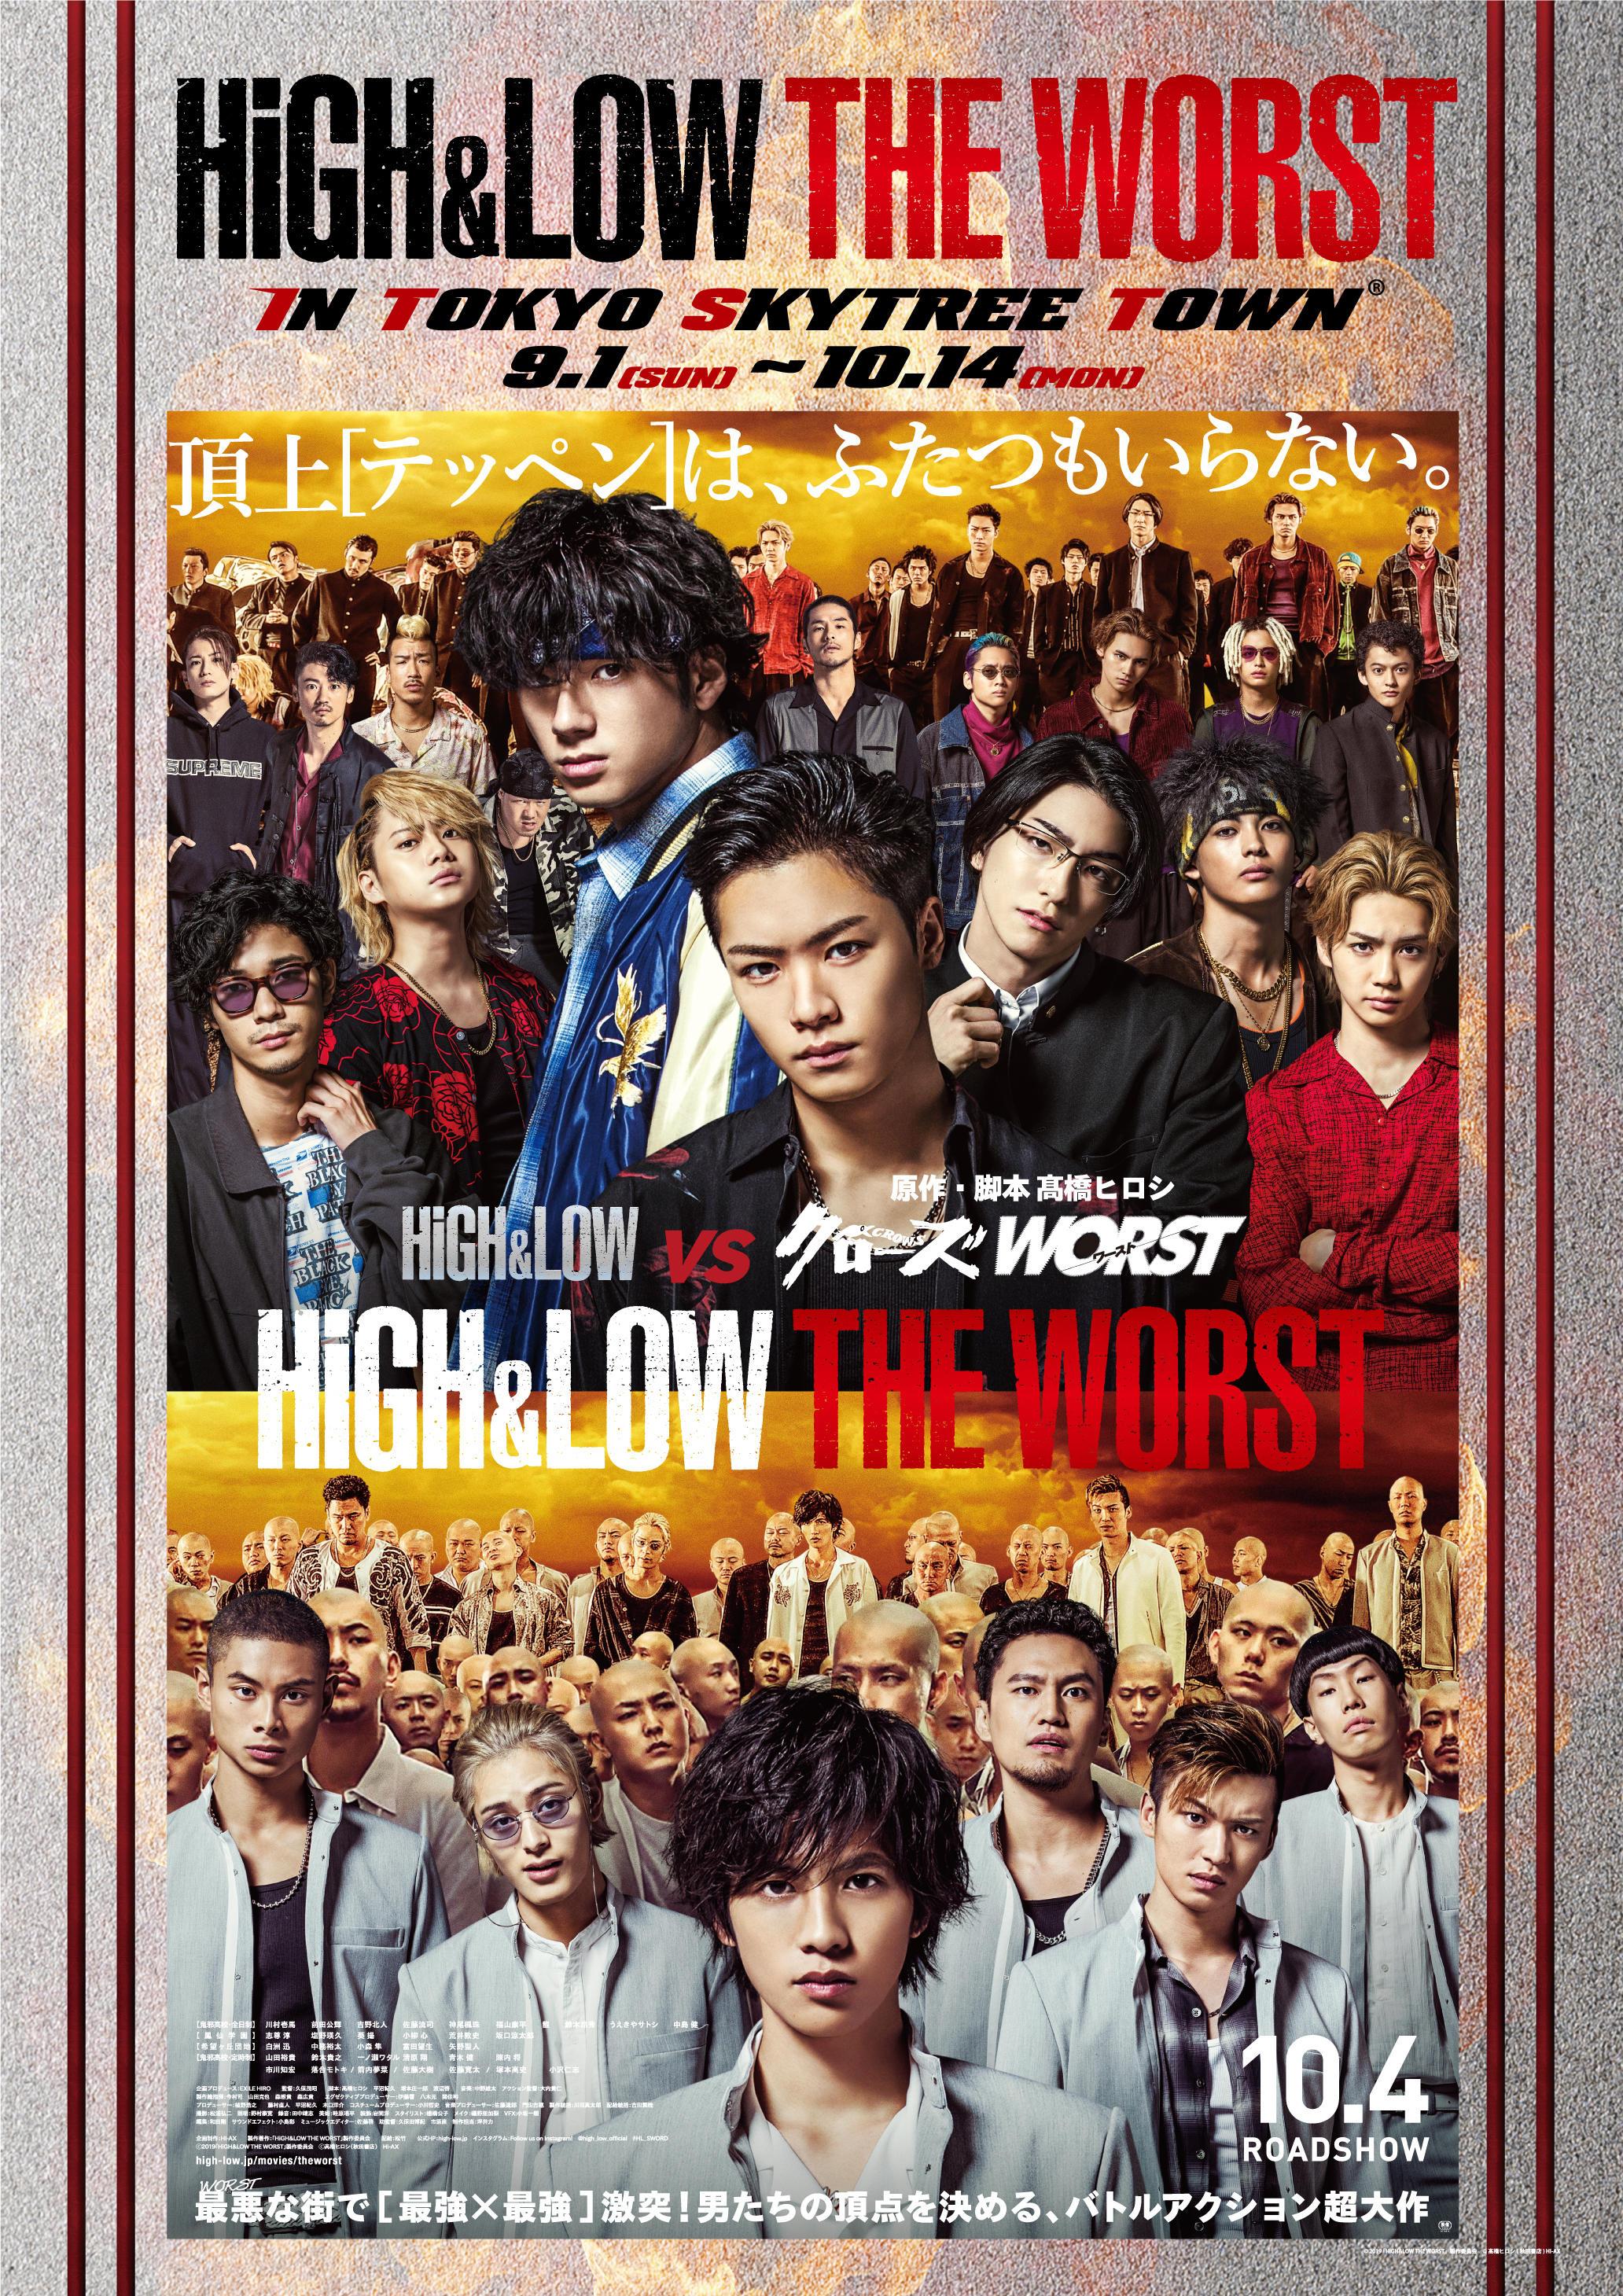 【ポスター画像】HiGH&LOW THE WORST.jpg